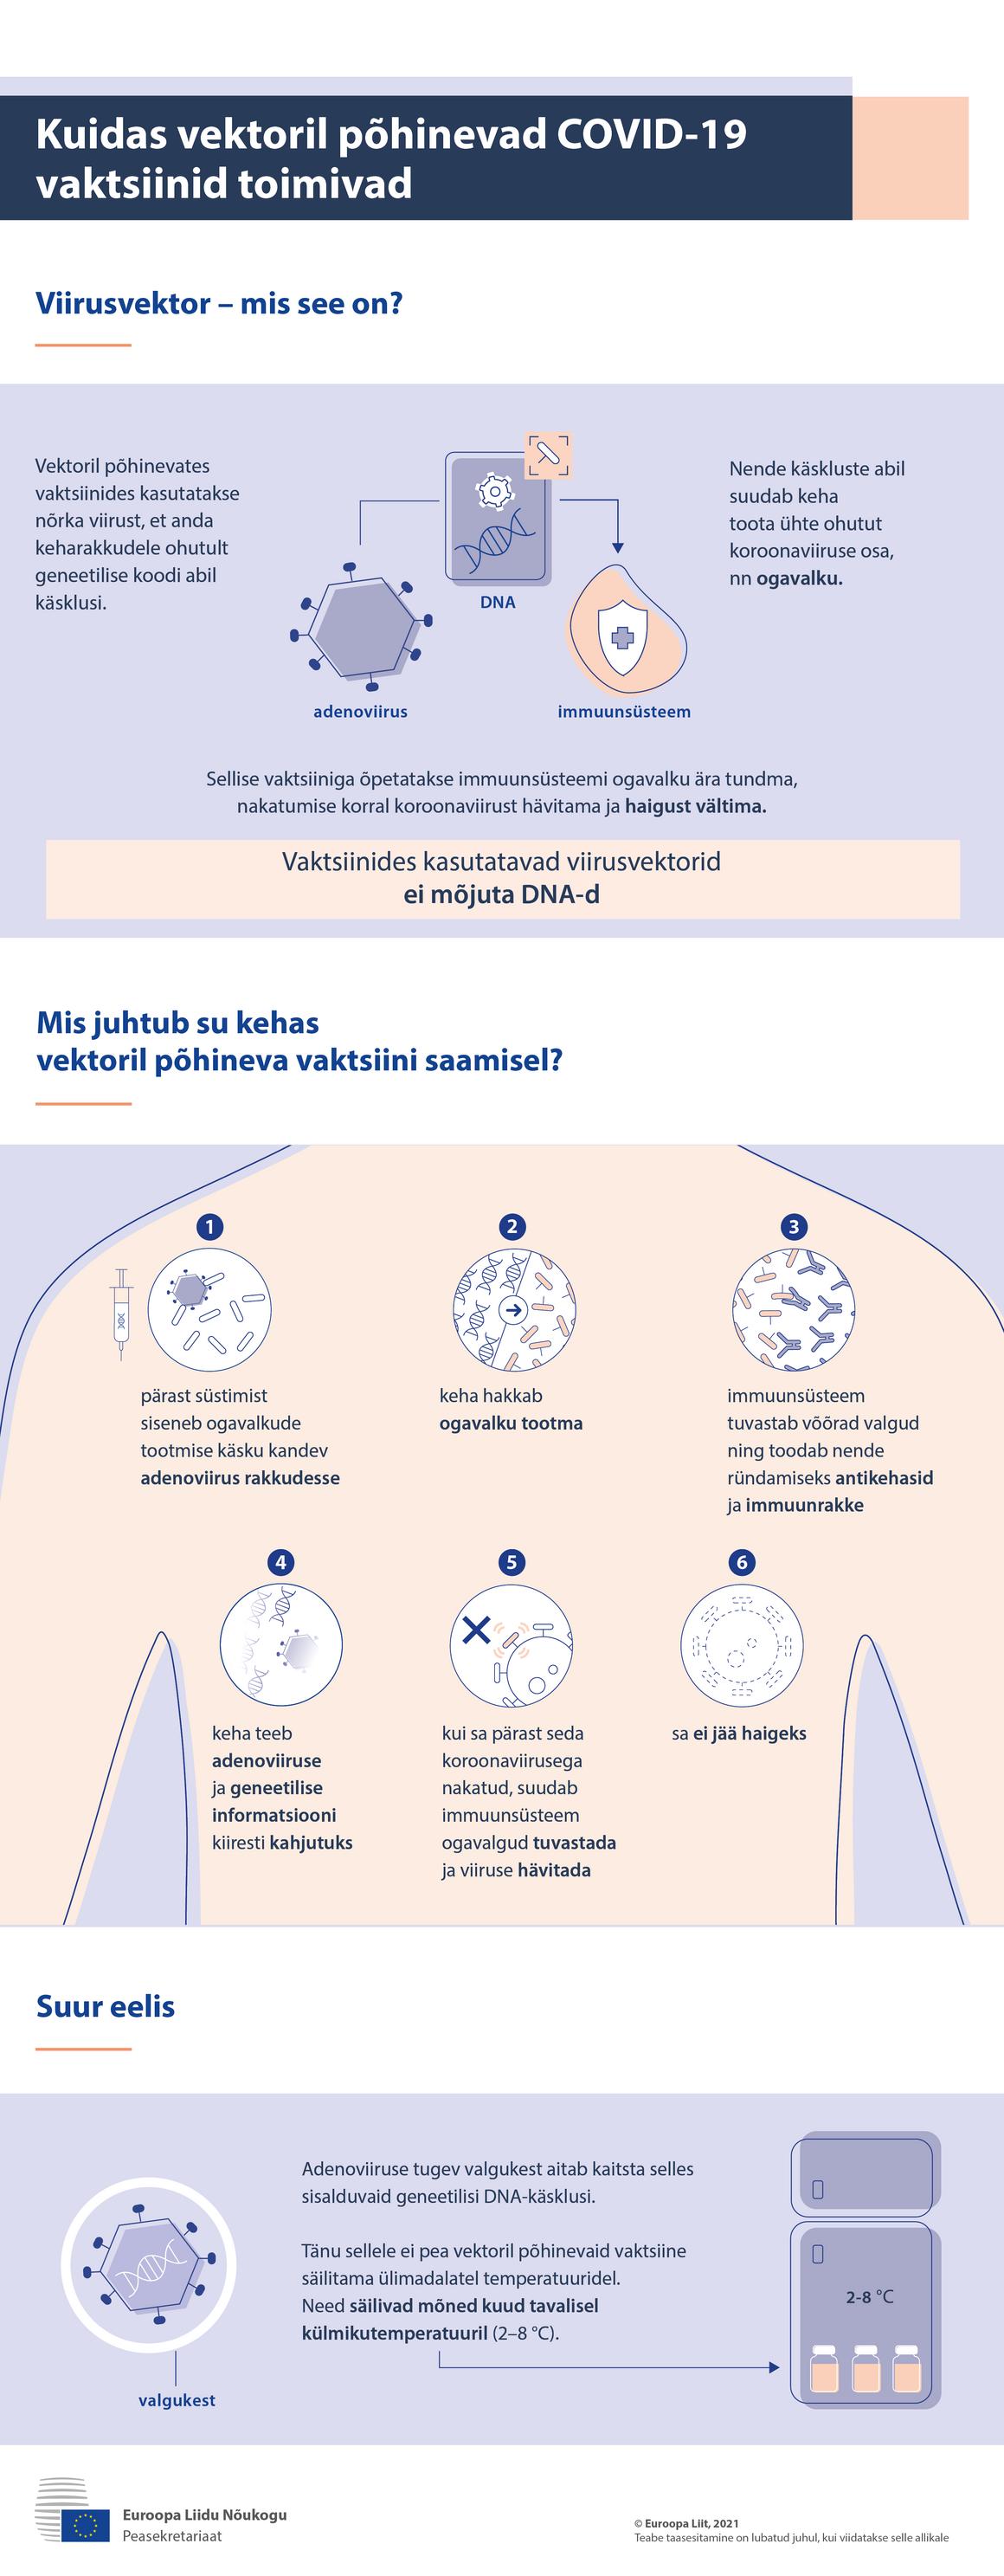 Infograafik – kuidas viirusvektoril põhinevad vaktsiinid toimivad COVID-19 vastu